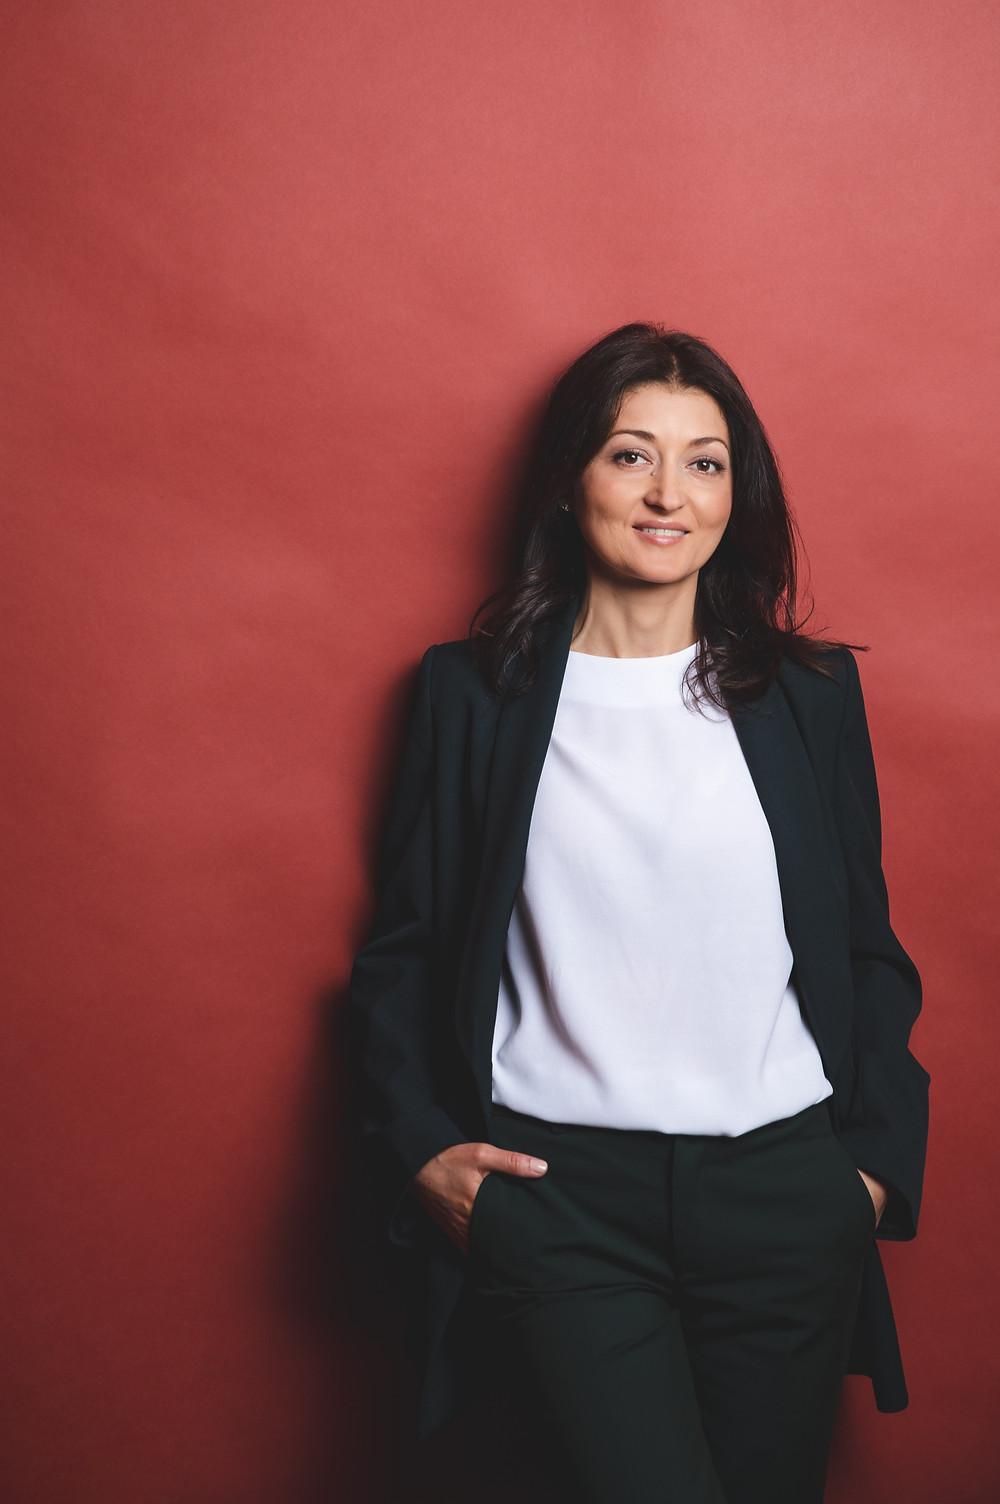 Irina Gelwer, Business Coach & Trainerin für Persönliche Effektivität & Emotionale Intelligenz